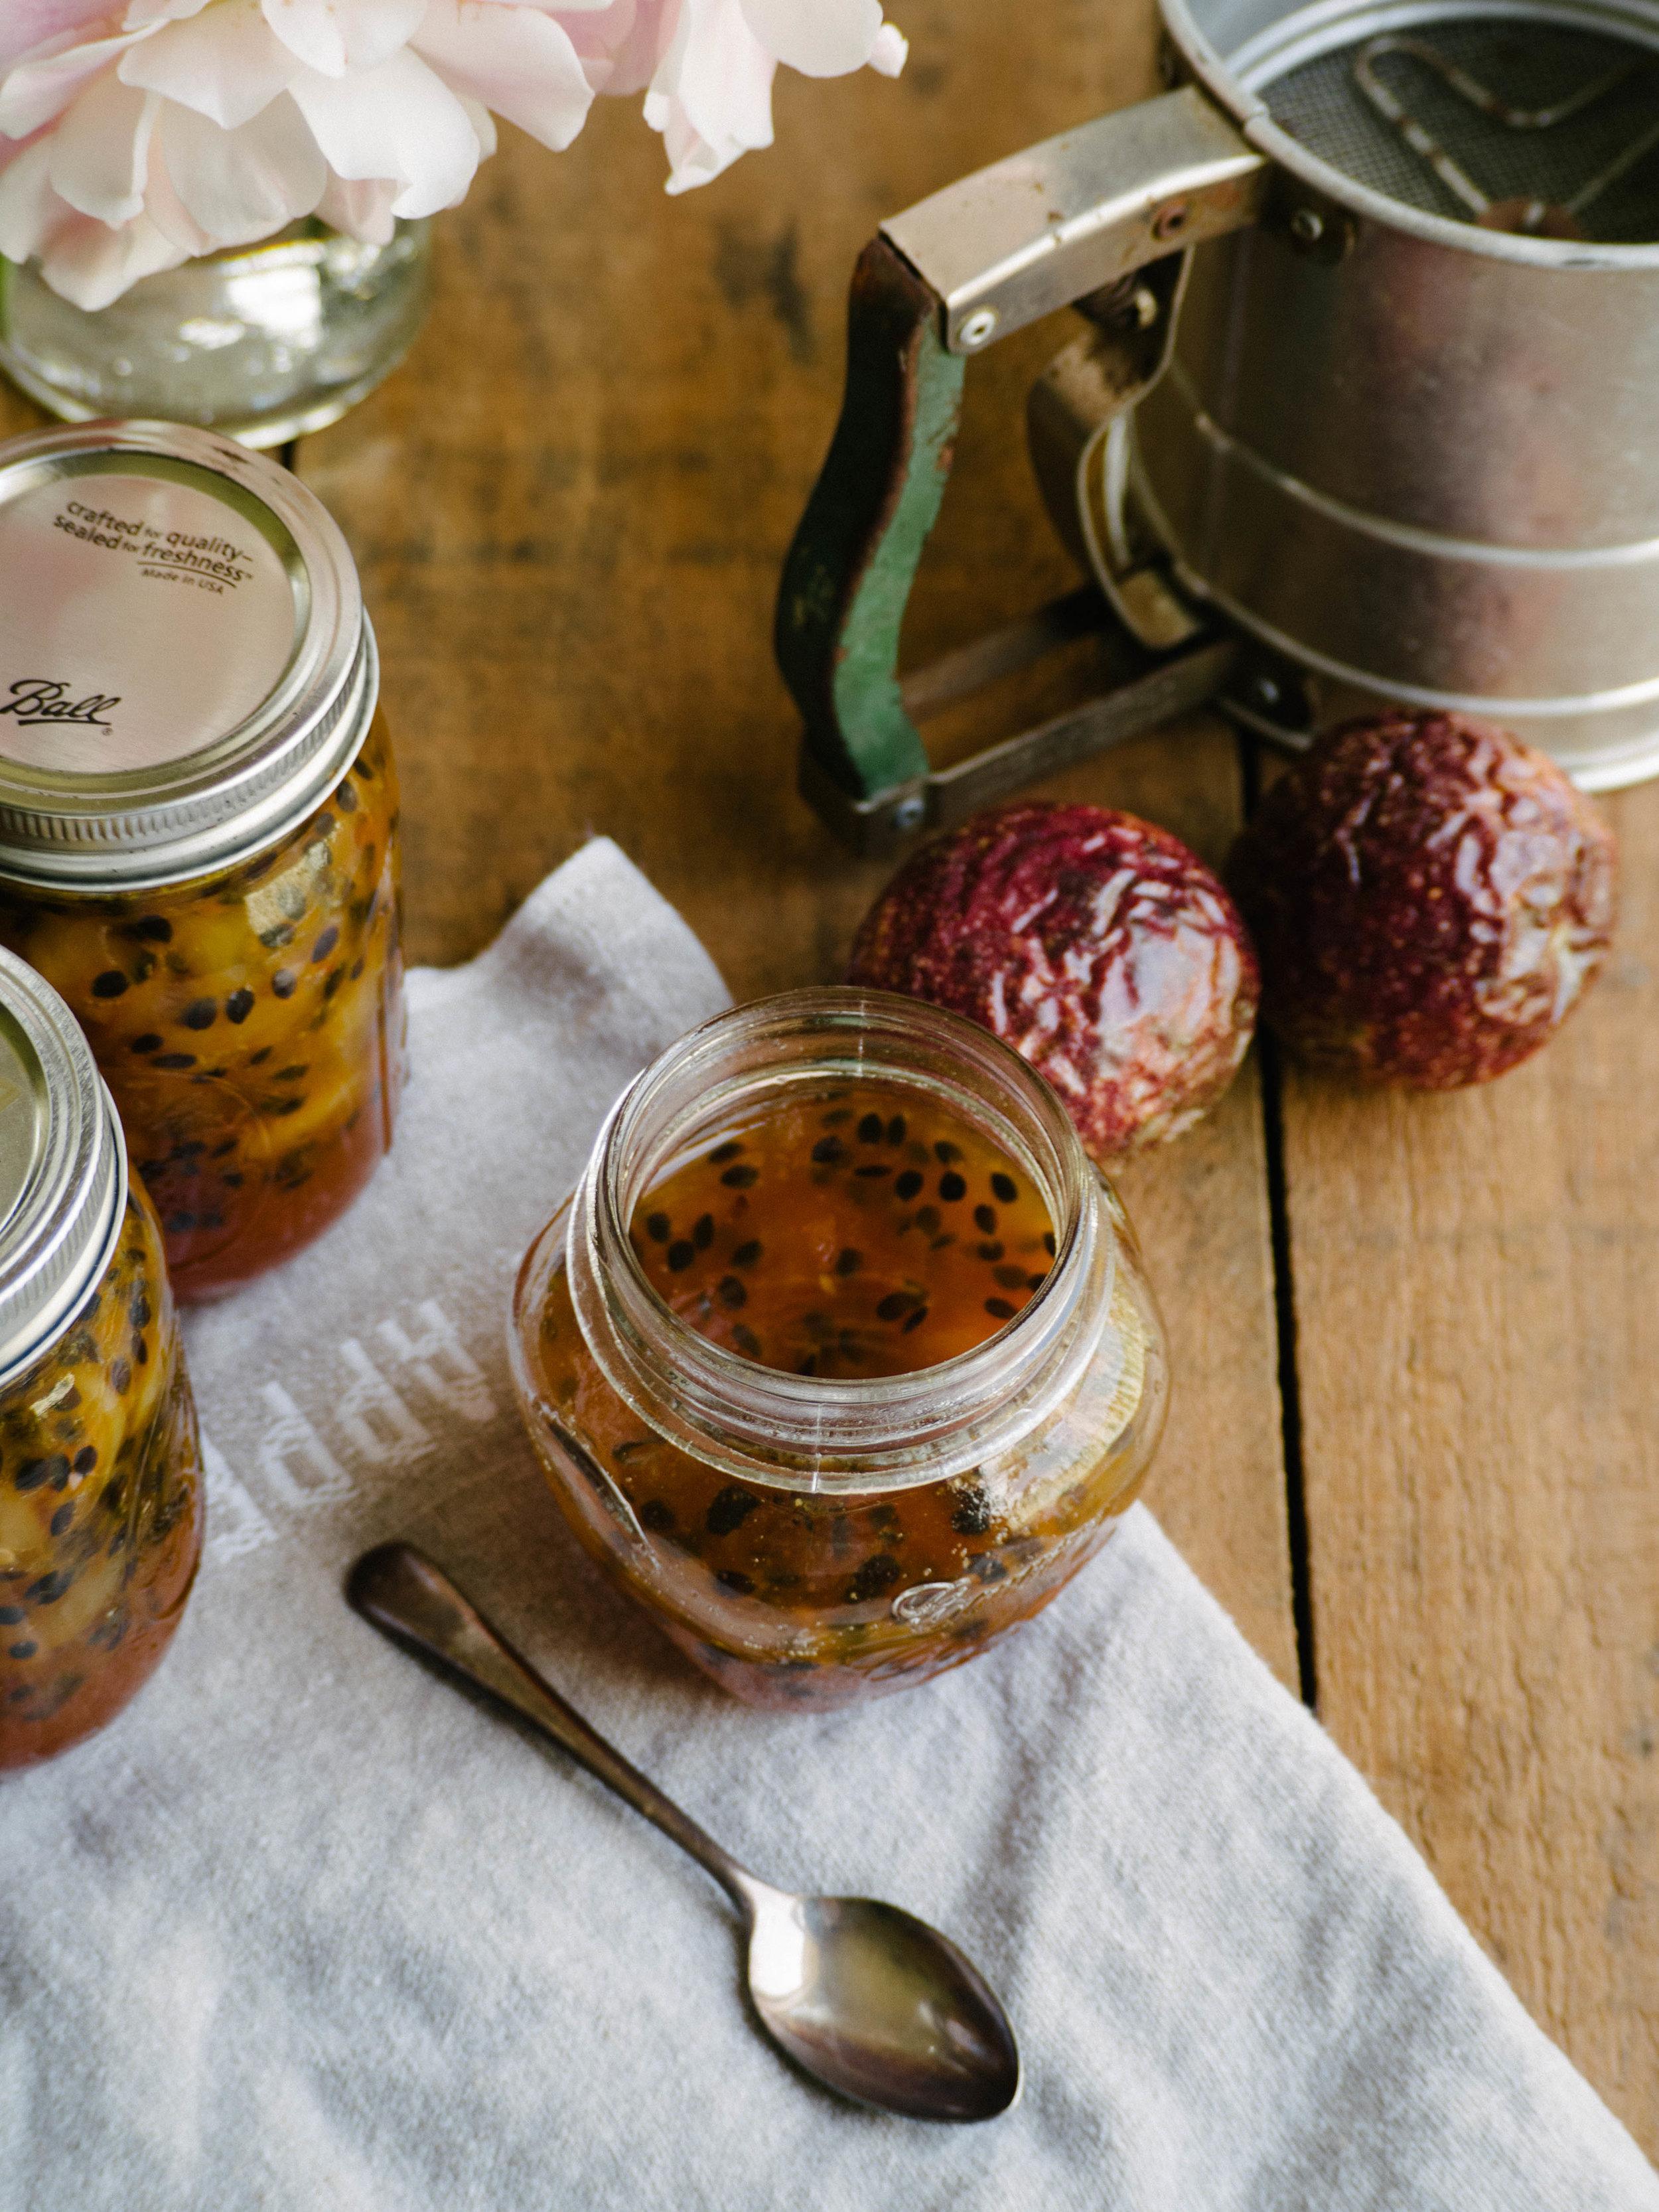 White Peach & Passionfruit Jam